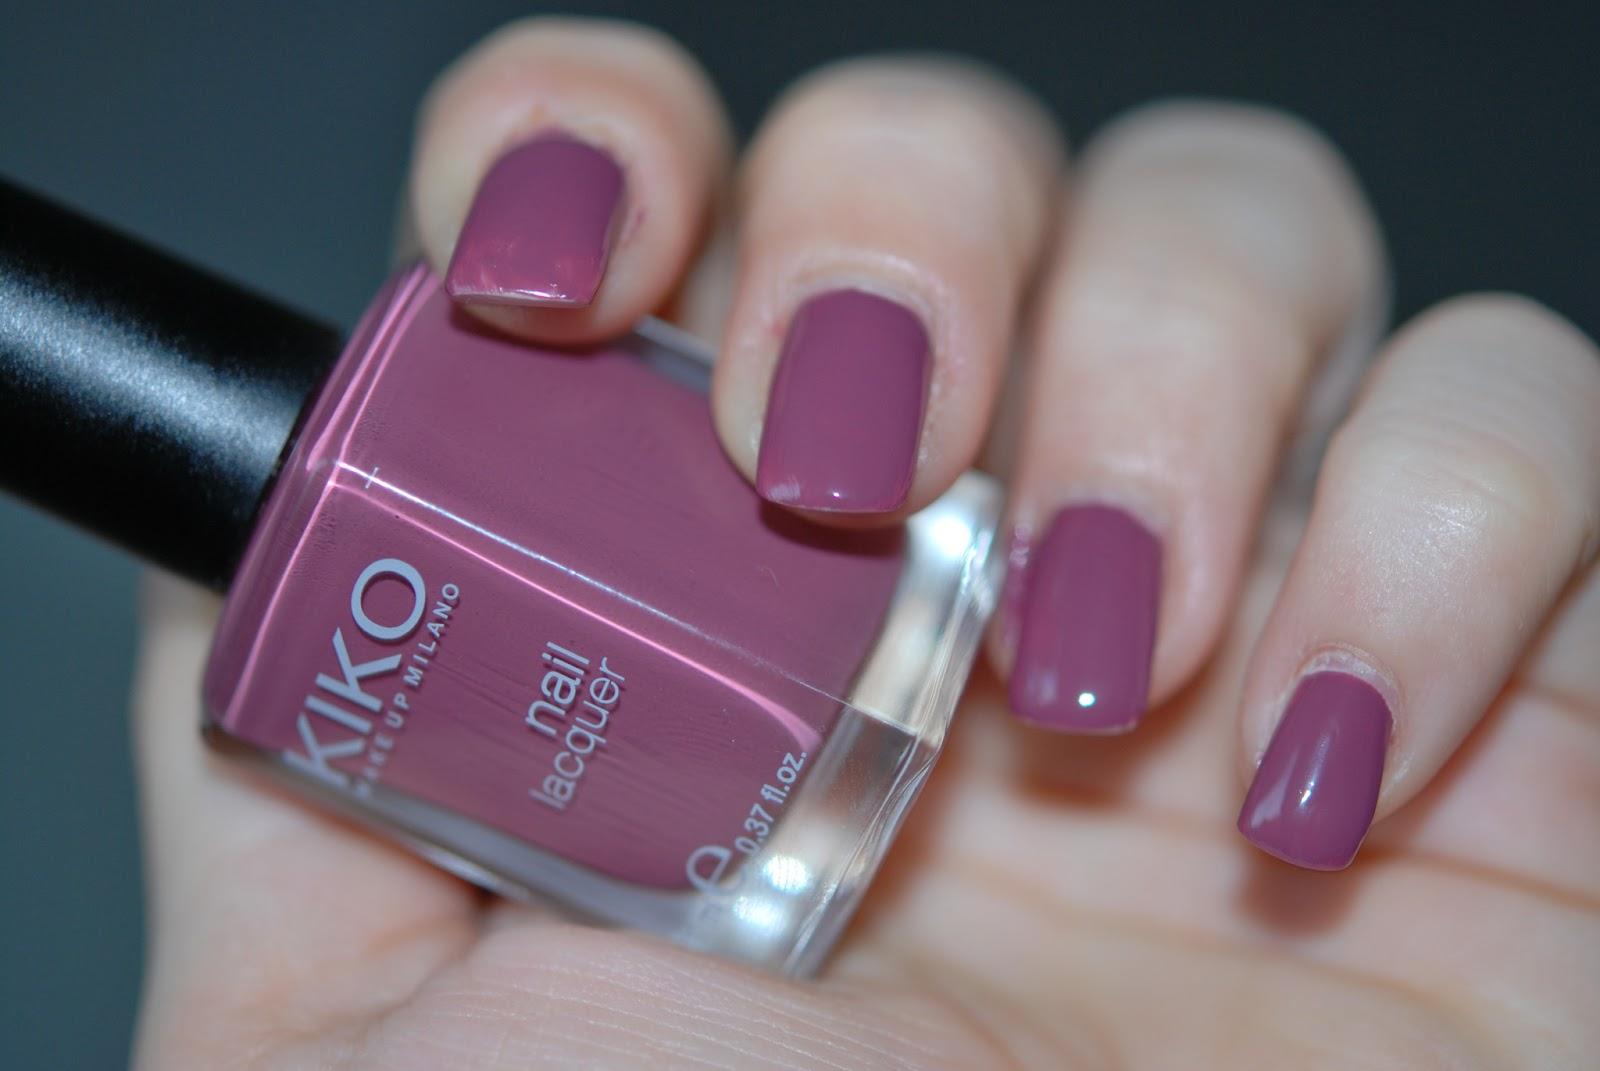 Ongle En Gel Violet concernant le jeu du miroir  juste une petite touche  de violet